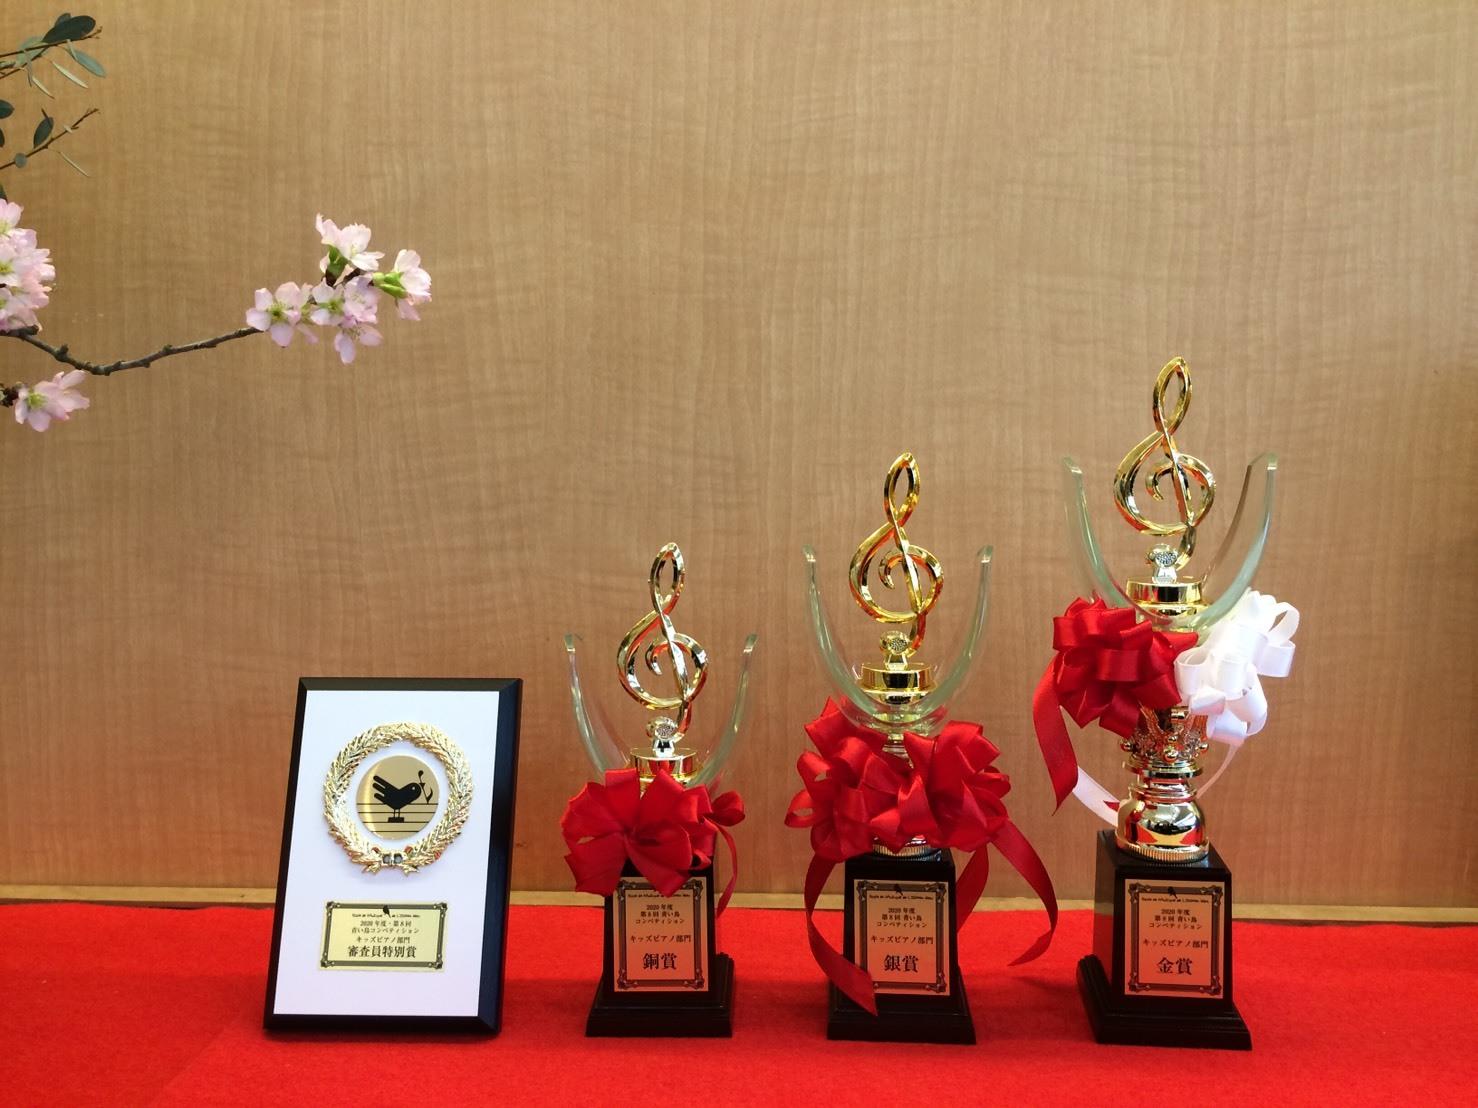 第8回青い鳥コンペティション 入賞者発表_c0150287_18552849.jpg